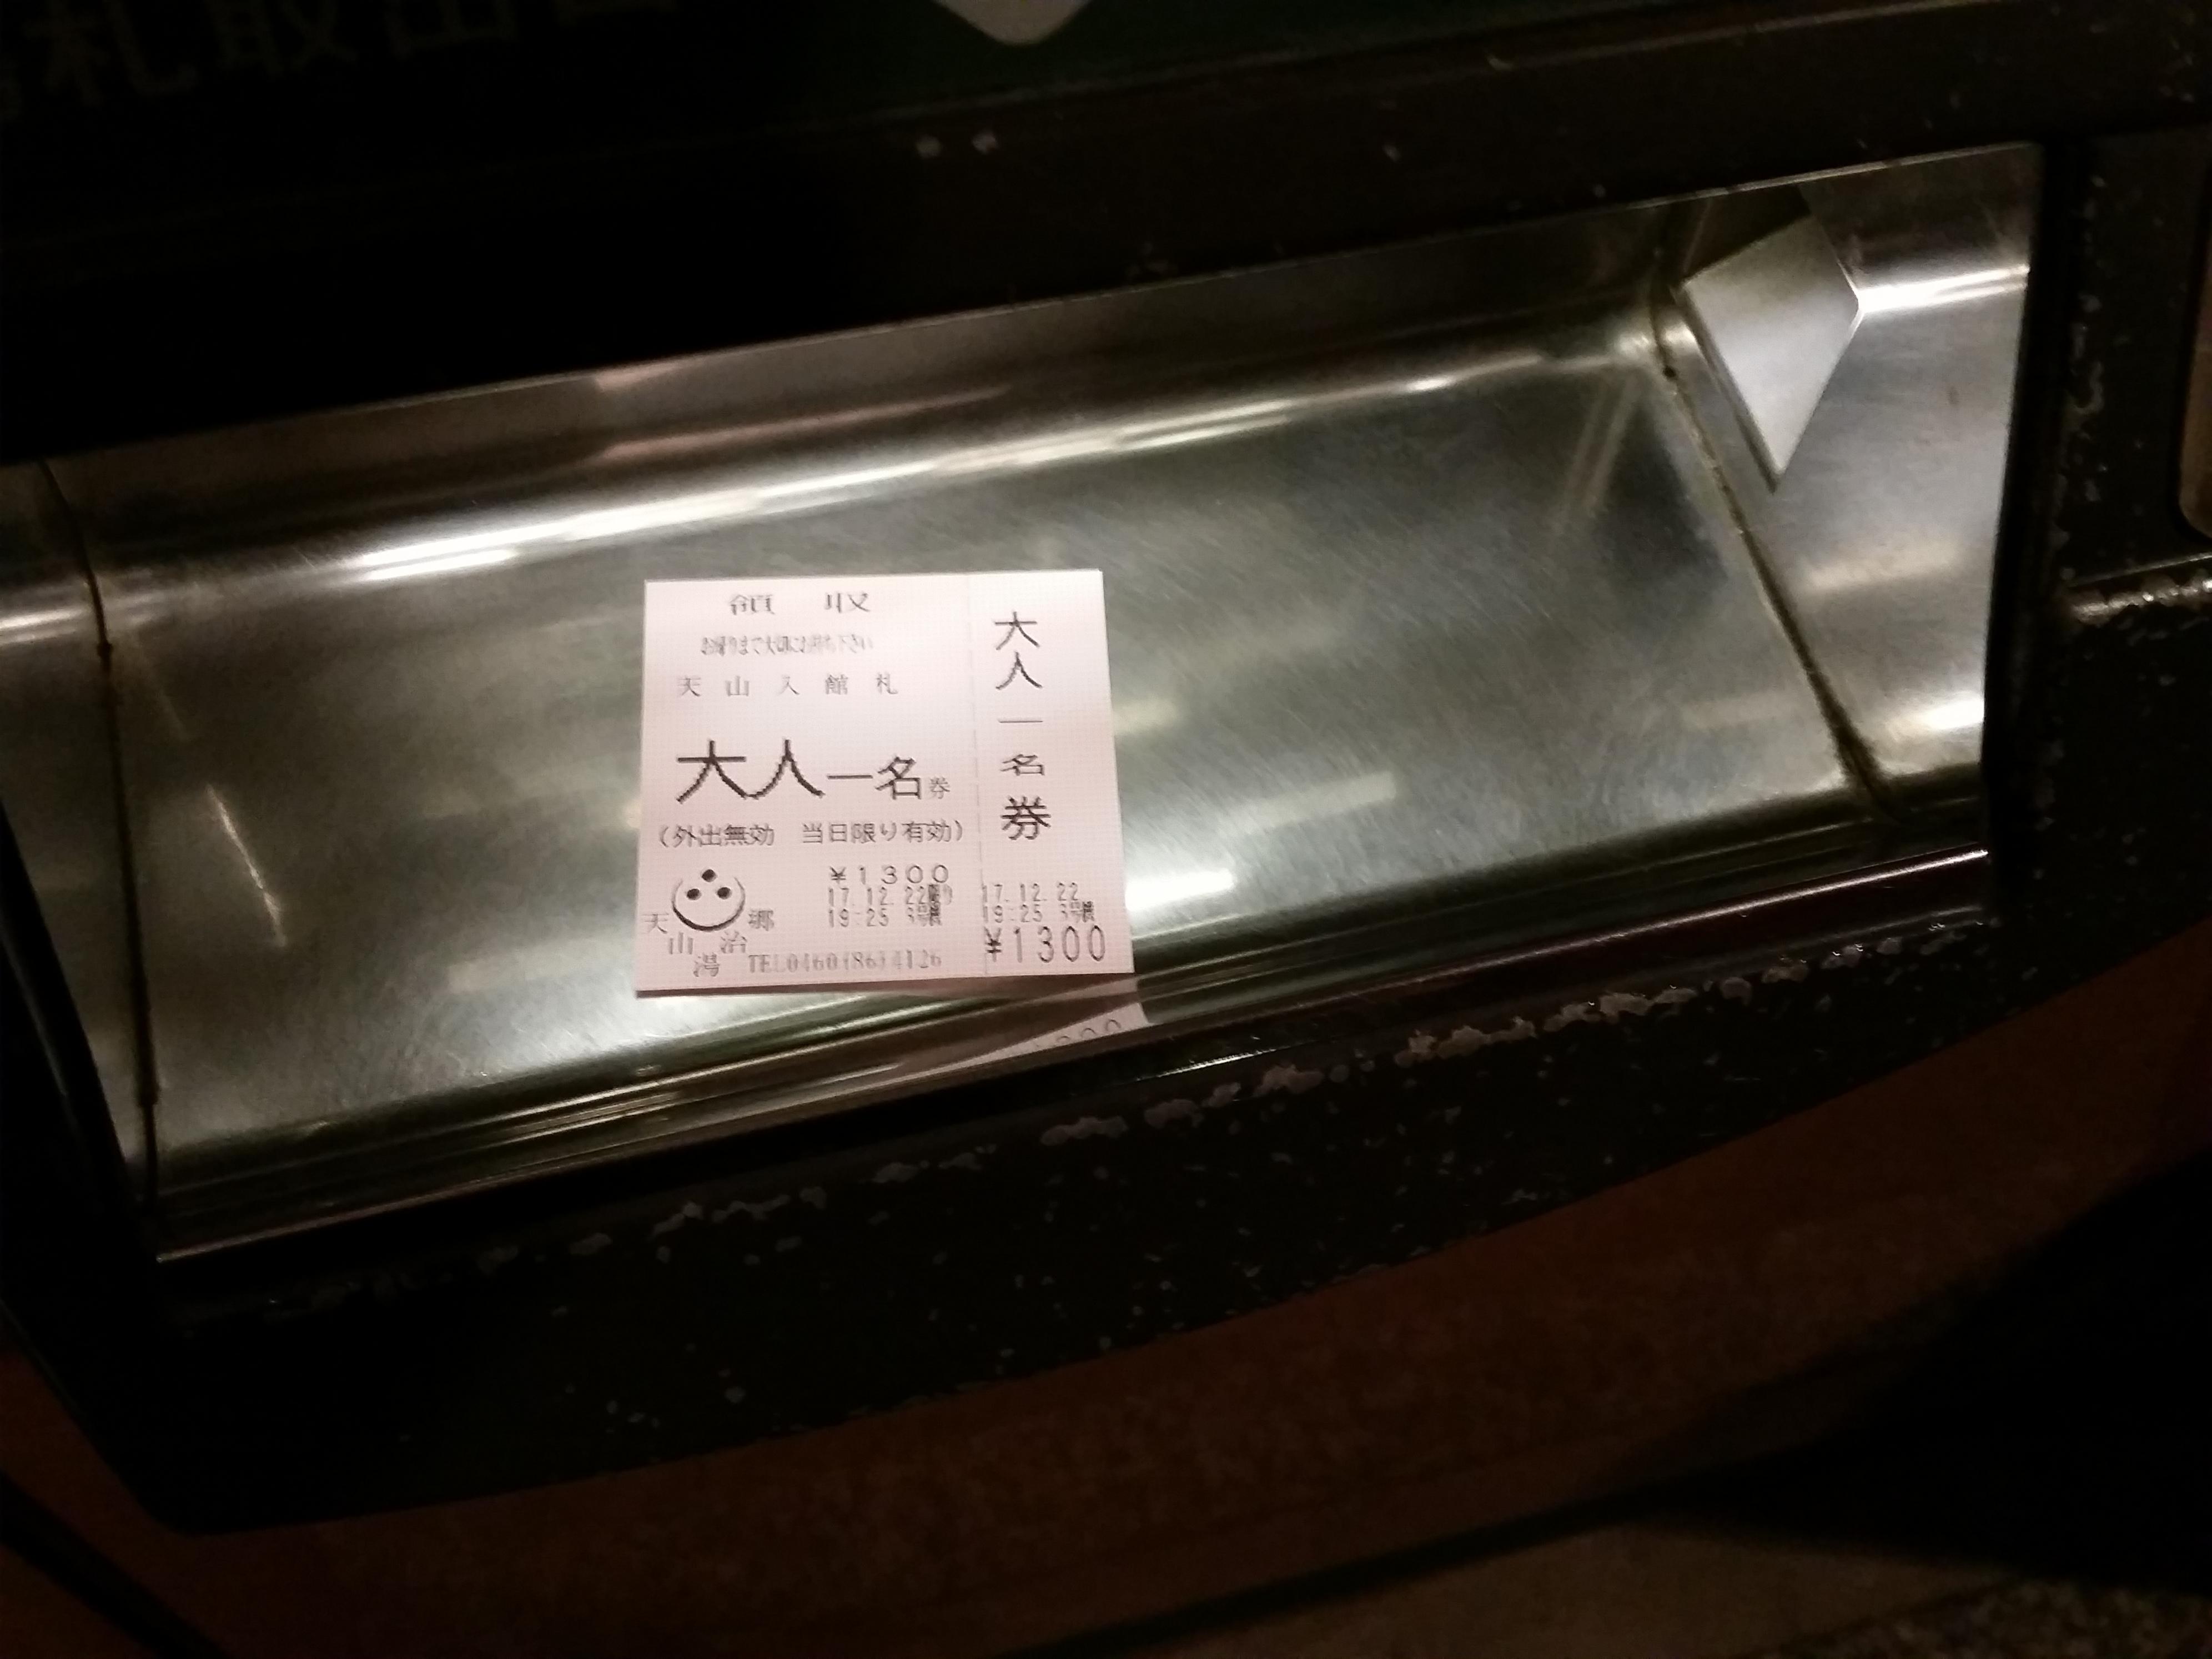 温泉:箱根天山湯治郷へ 帰りは長尾峠経由!